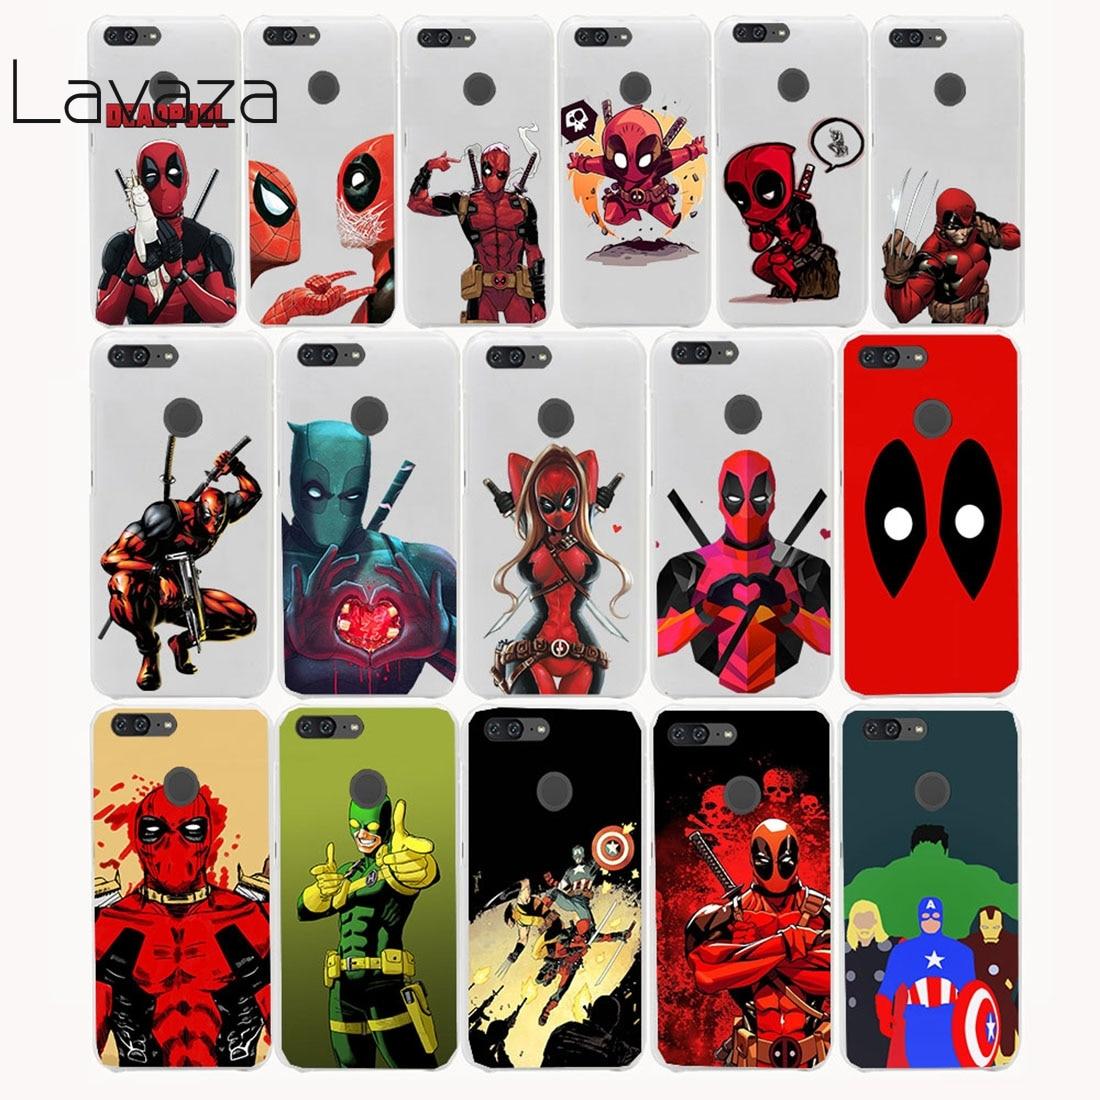 lavaza-12ff-font-b-marvel-b-font-soldier-deadpool-hard-case-for-huawei-honor-8-9-lite-6-6a-6x-7-7x-y3ii-y5ii-y6ii-y3-y5-y6-2017